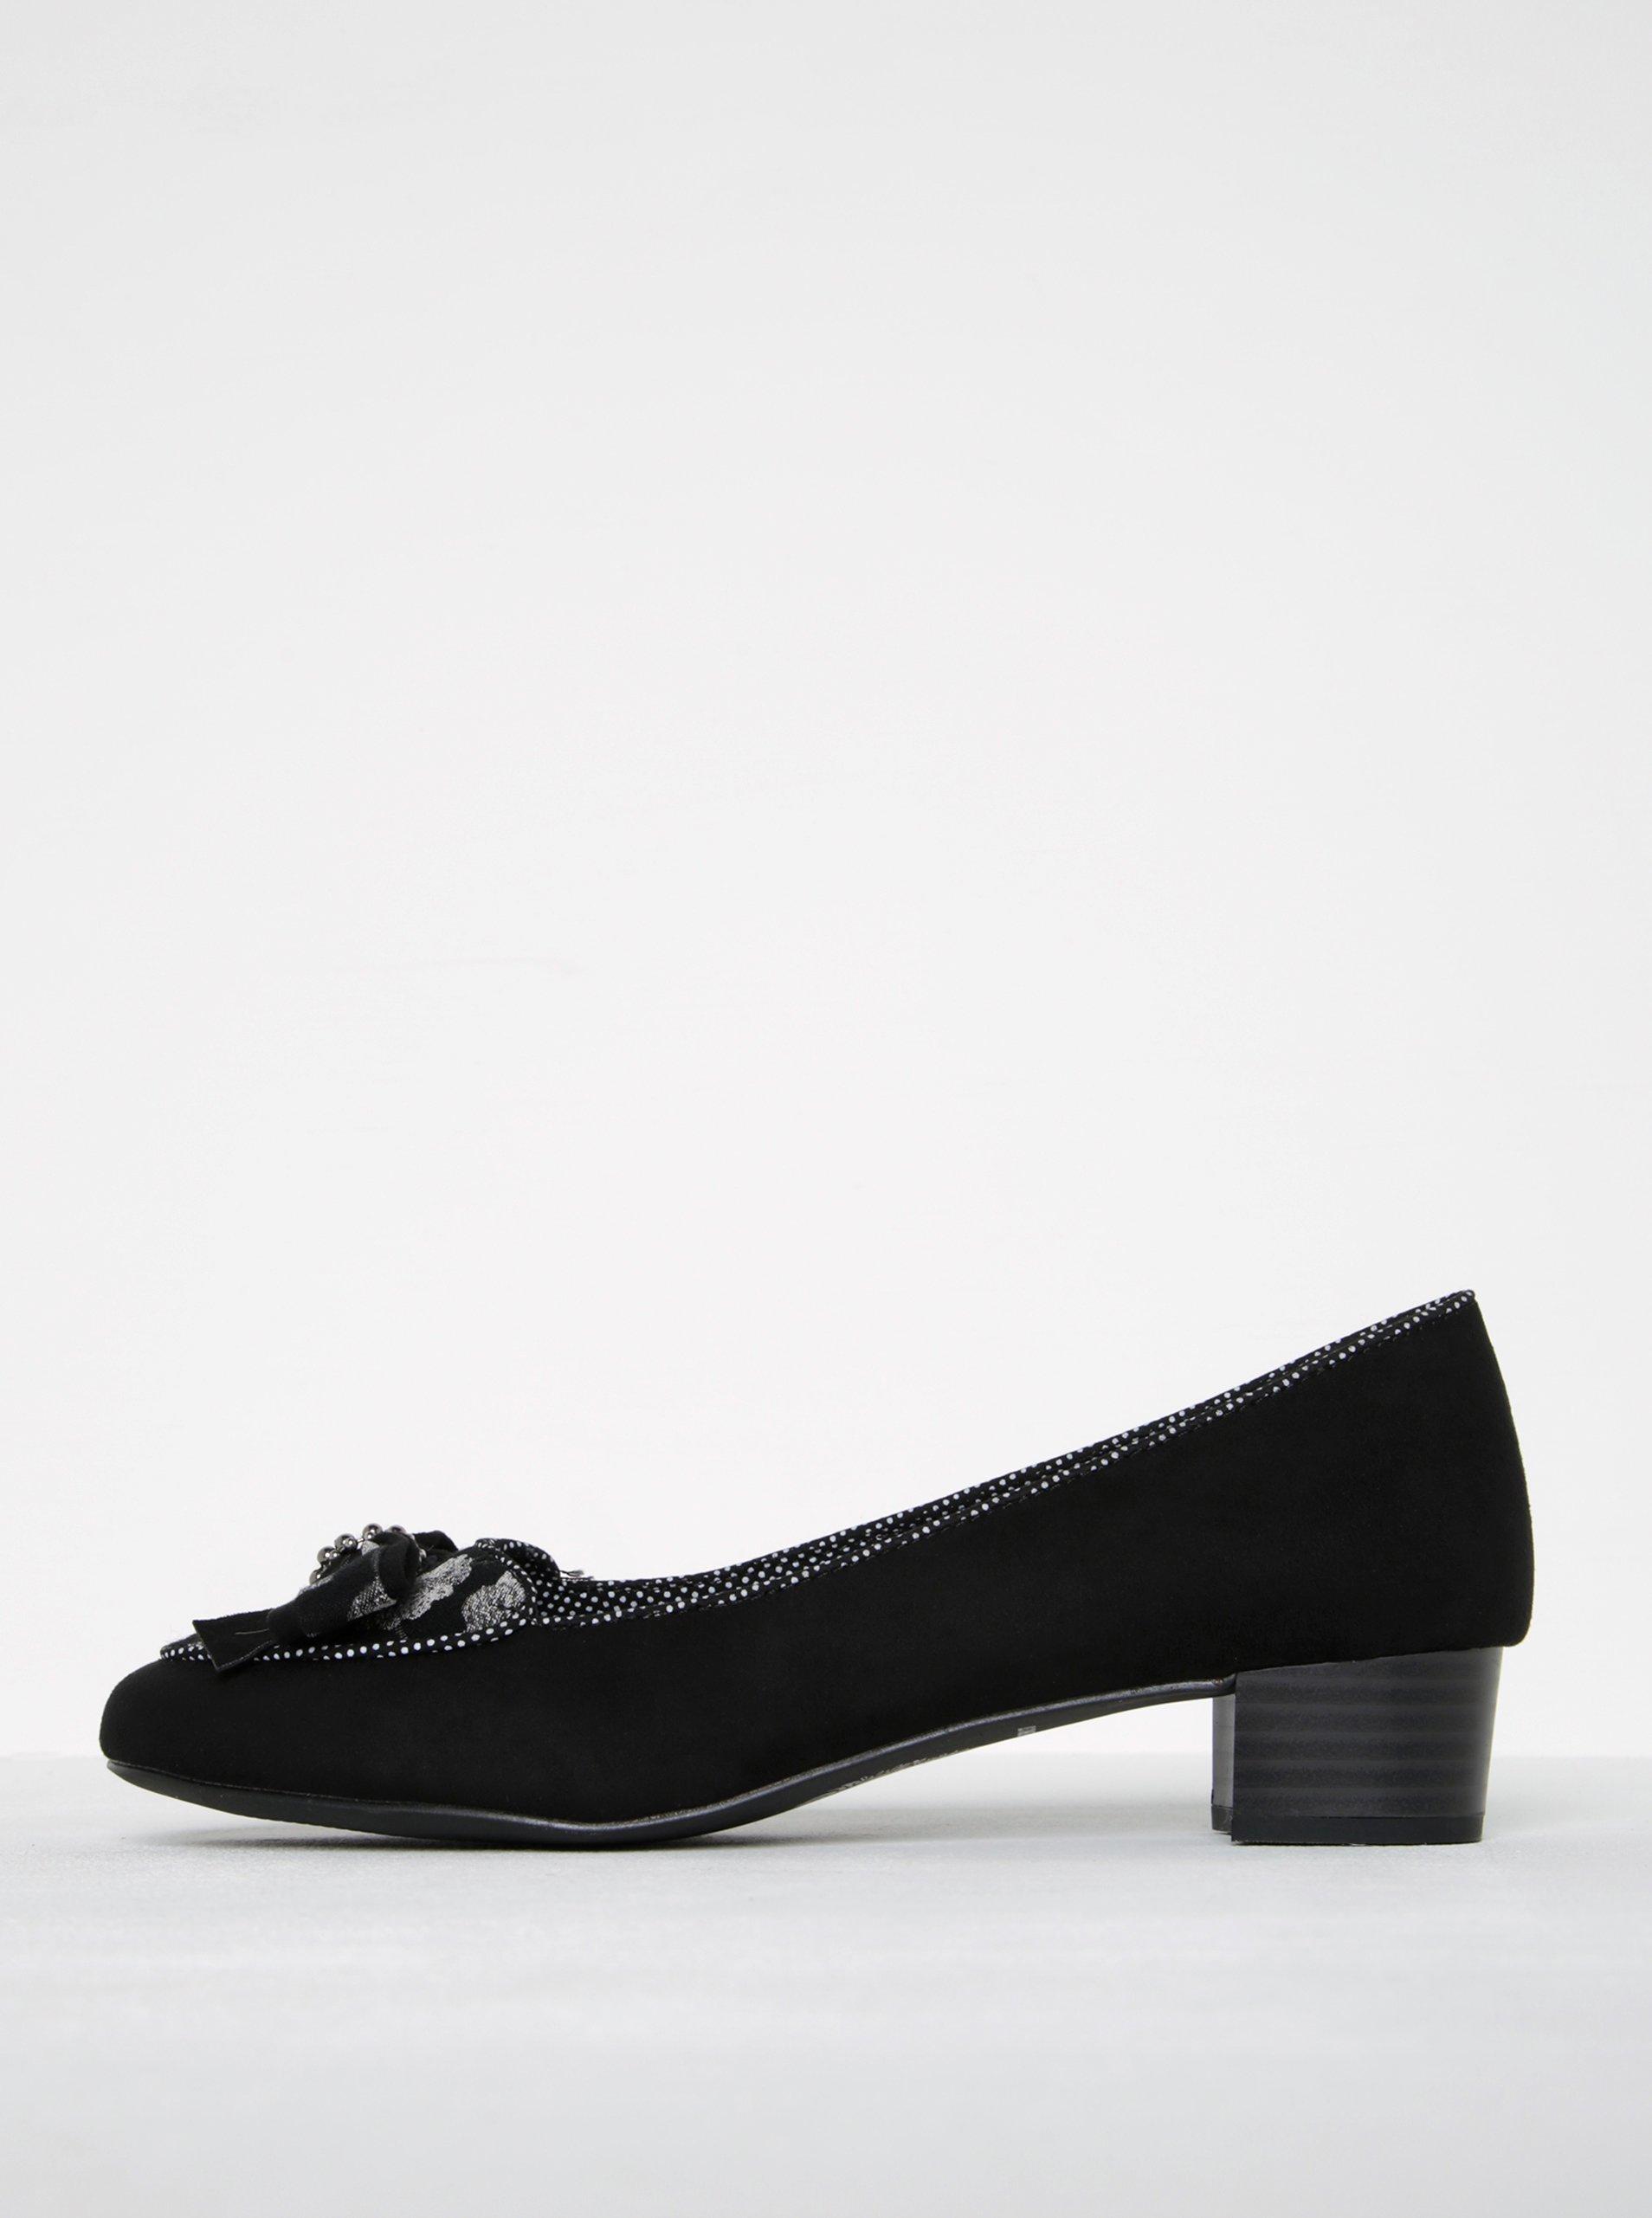 5645a99364ef7 Čierne lodičky v semišovej úprave s mašľou Ruby Shoo Victoria | Moda.sk